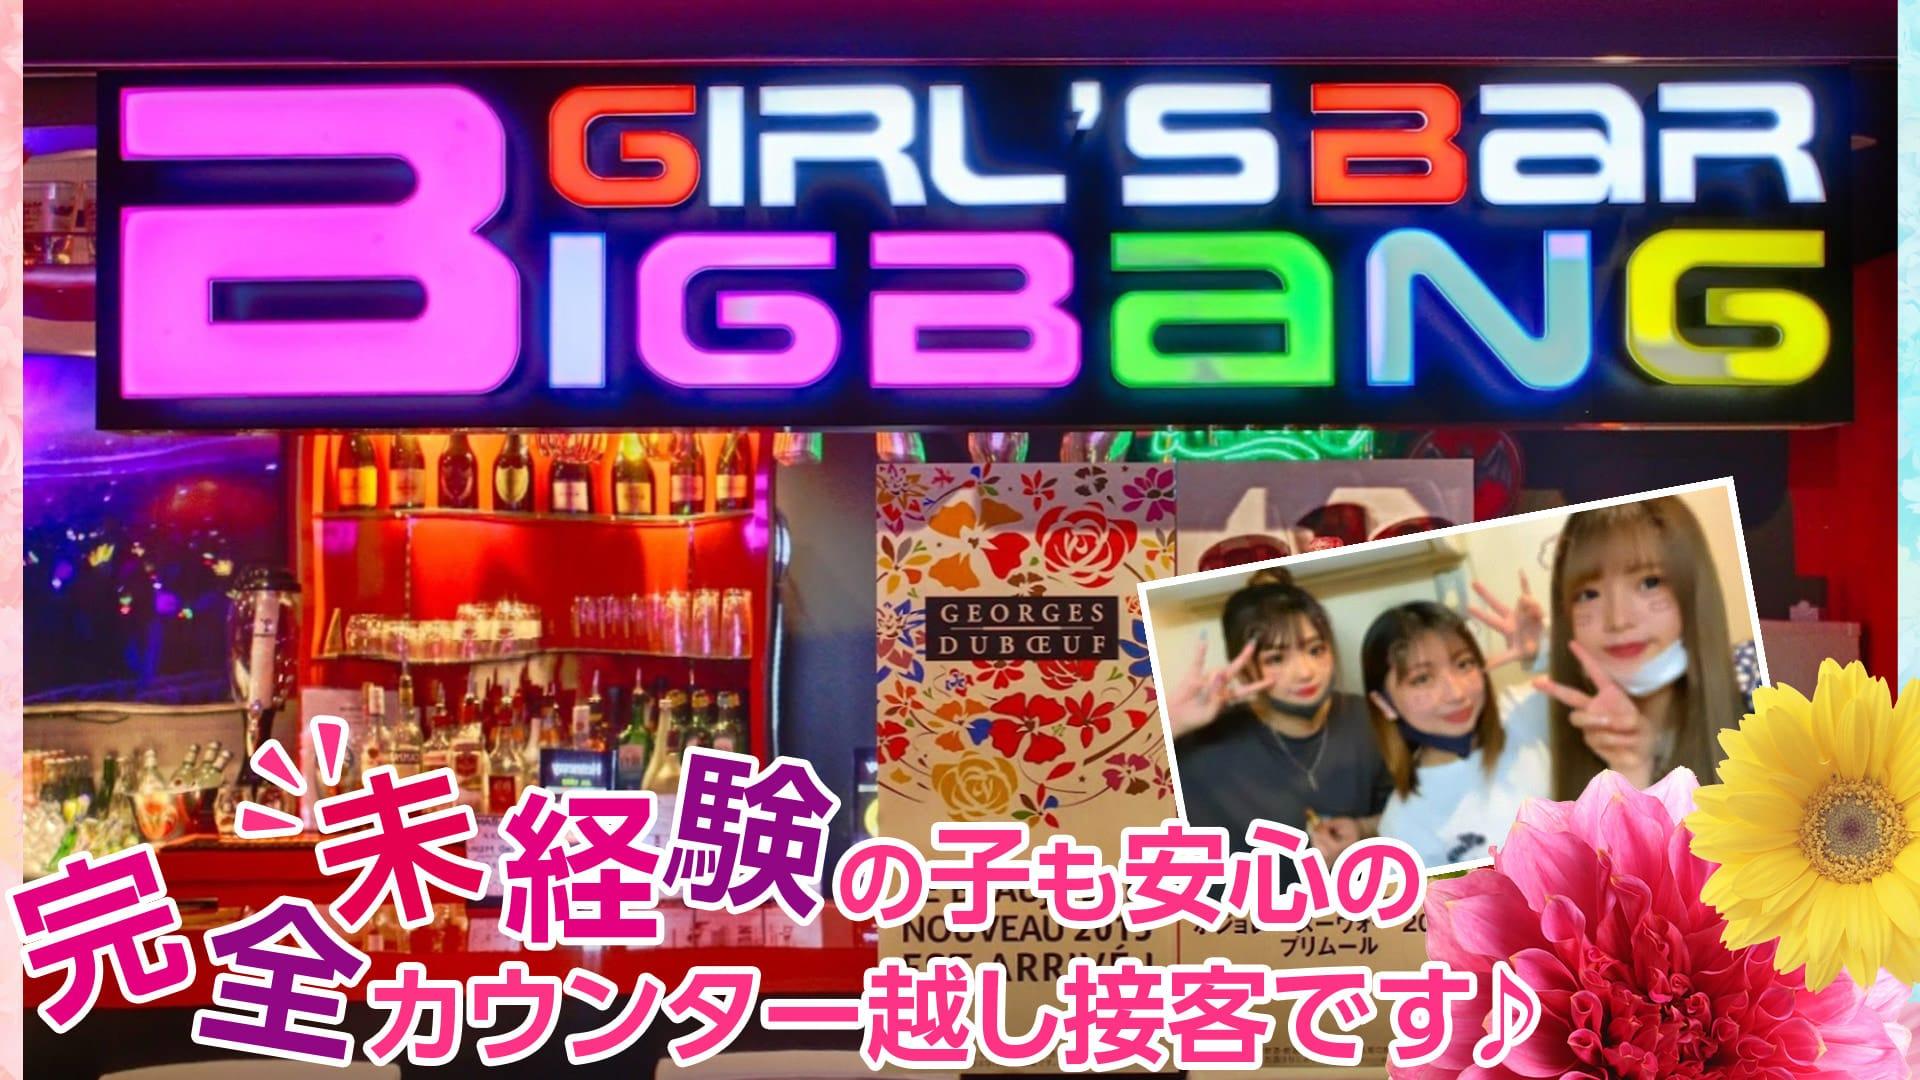 ガールズバーBIG BANG(ビックバン)【公式求人・体入情報】 大和ガールズバー TOP画像